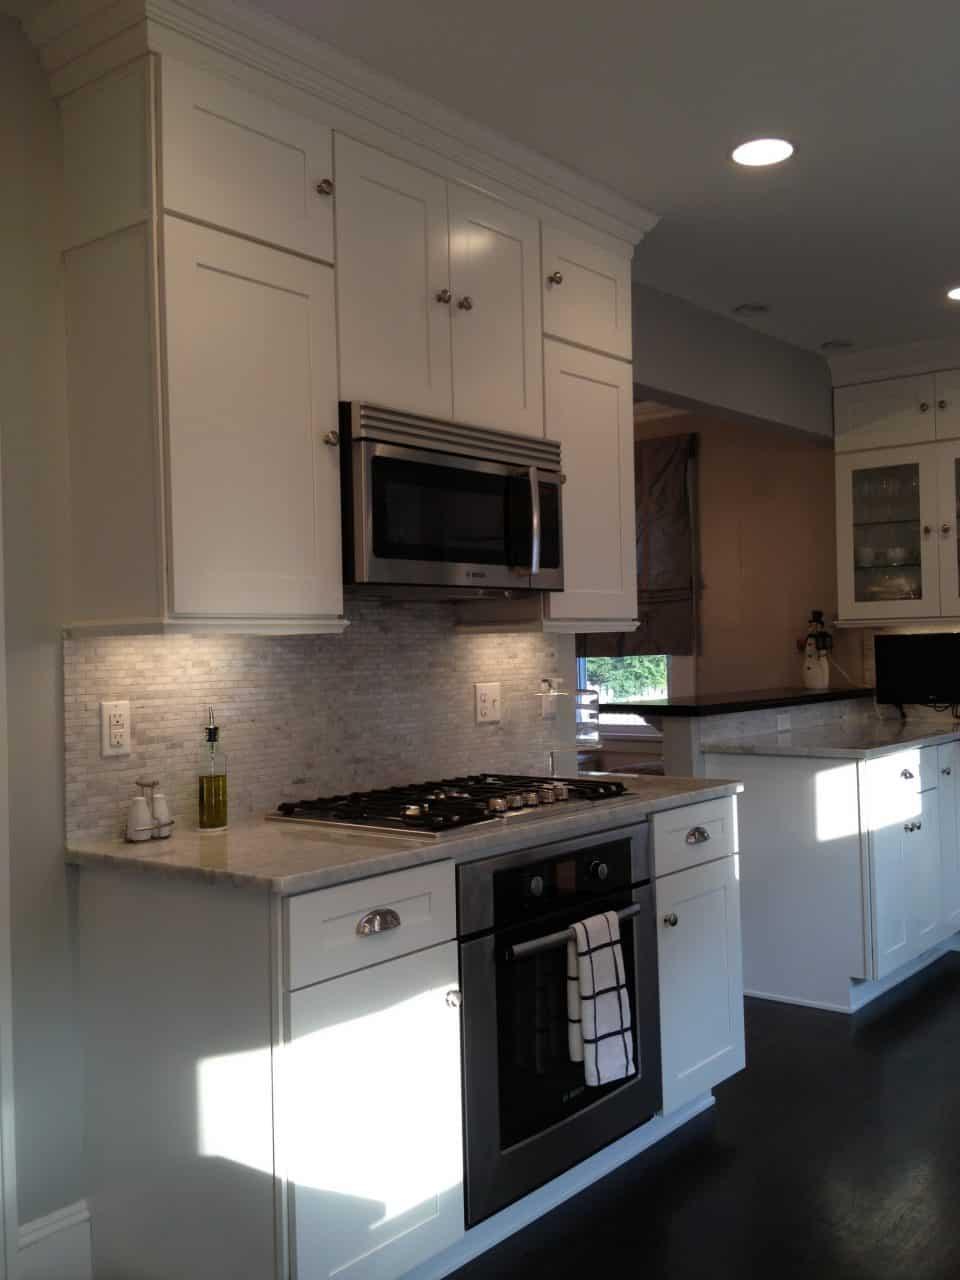 NJ Kitchen Remodeling